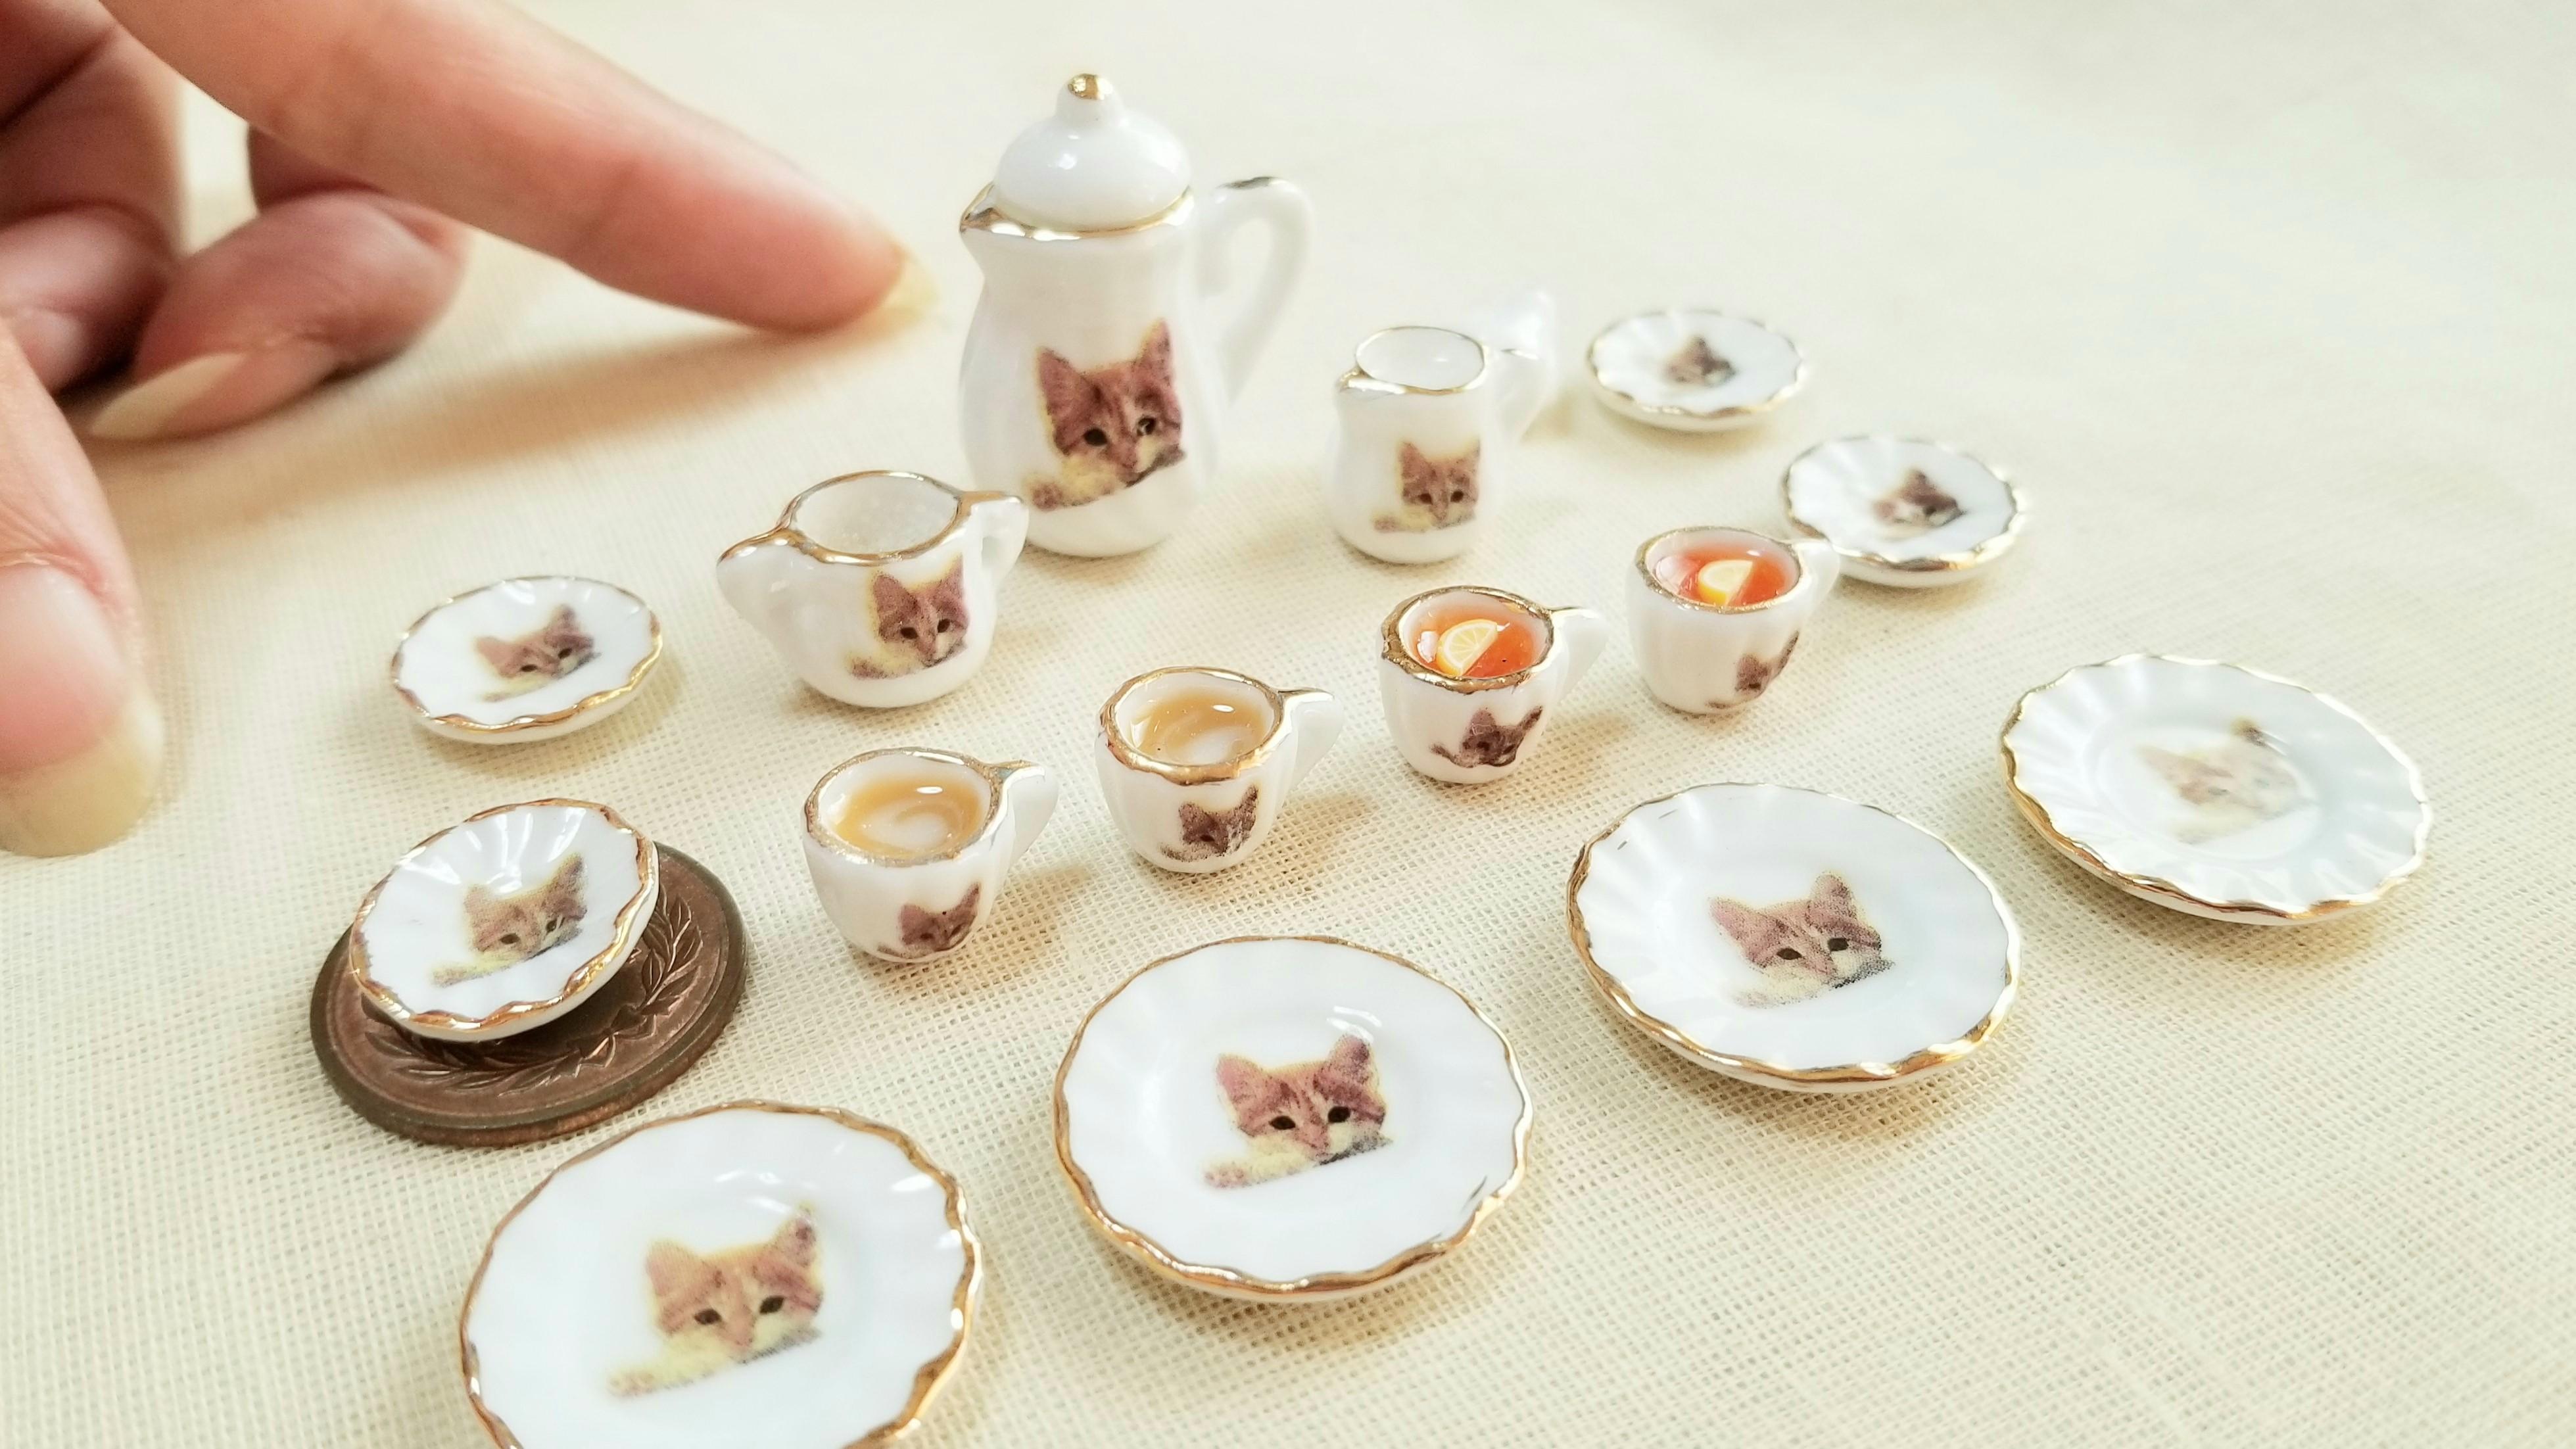 ミニチュアフード陶器のティーカップセットかわいい飲み物ドリンク